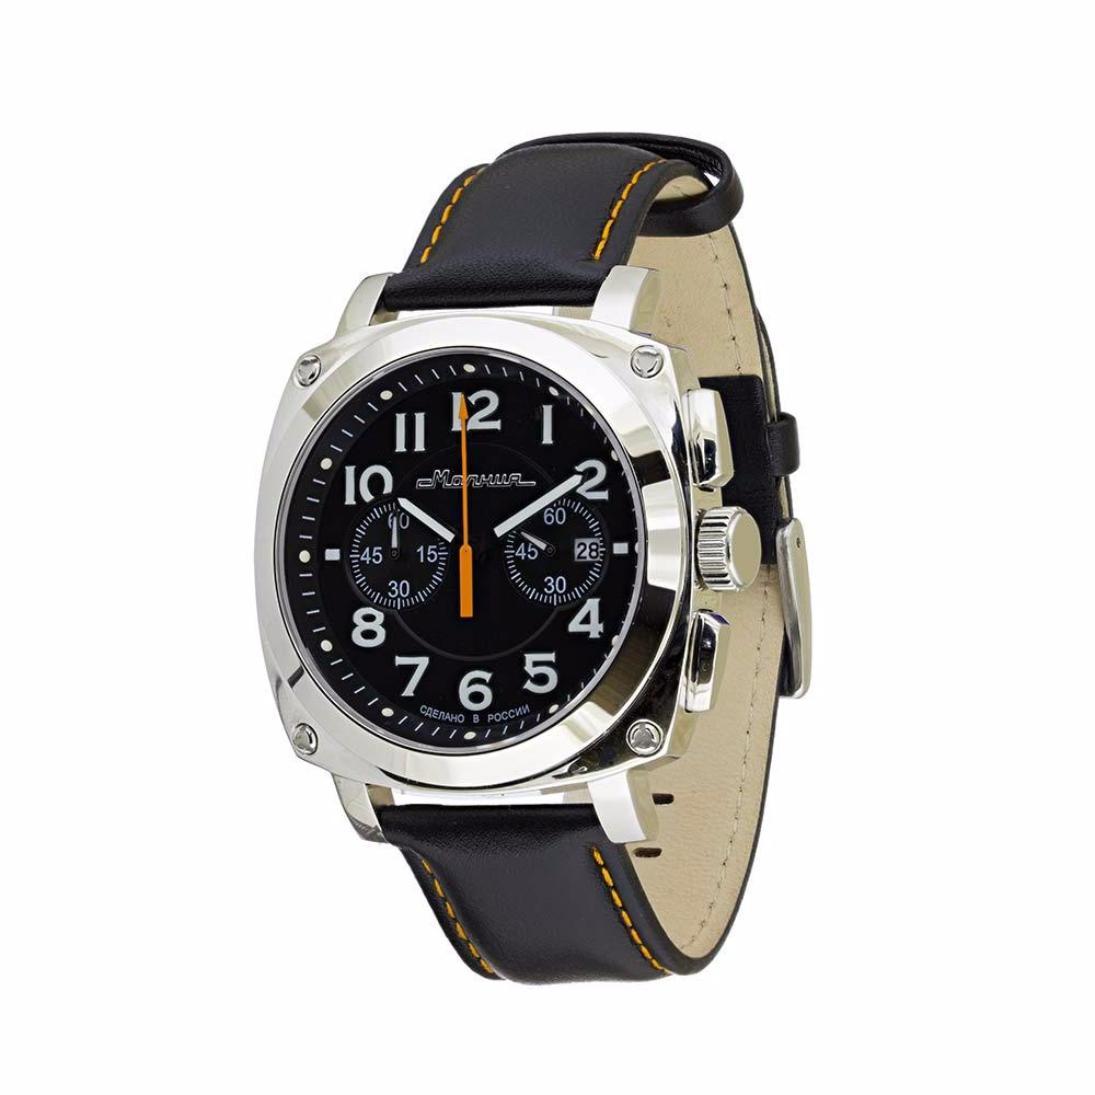 Мужские часы из стали, арт. 0020101